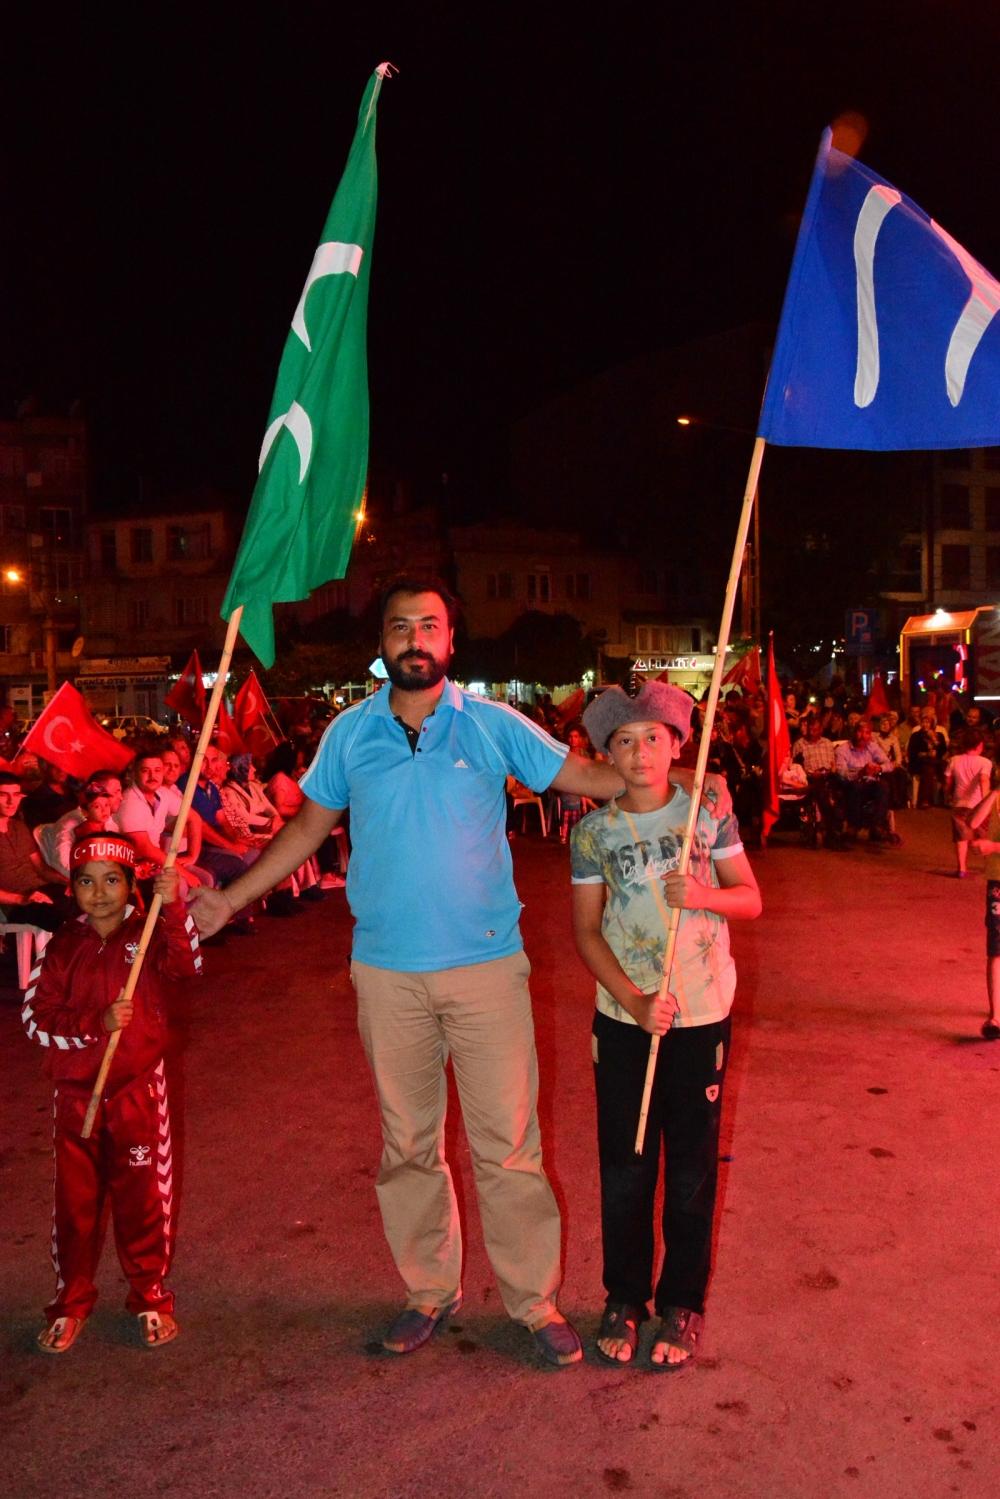 Akhisar'da Milli Egemenlik Meydanında demokrasi nöbeti 22.gün 8